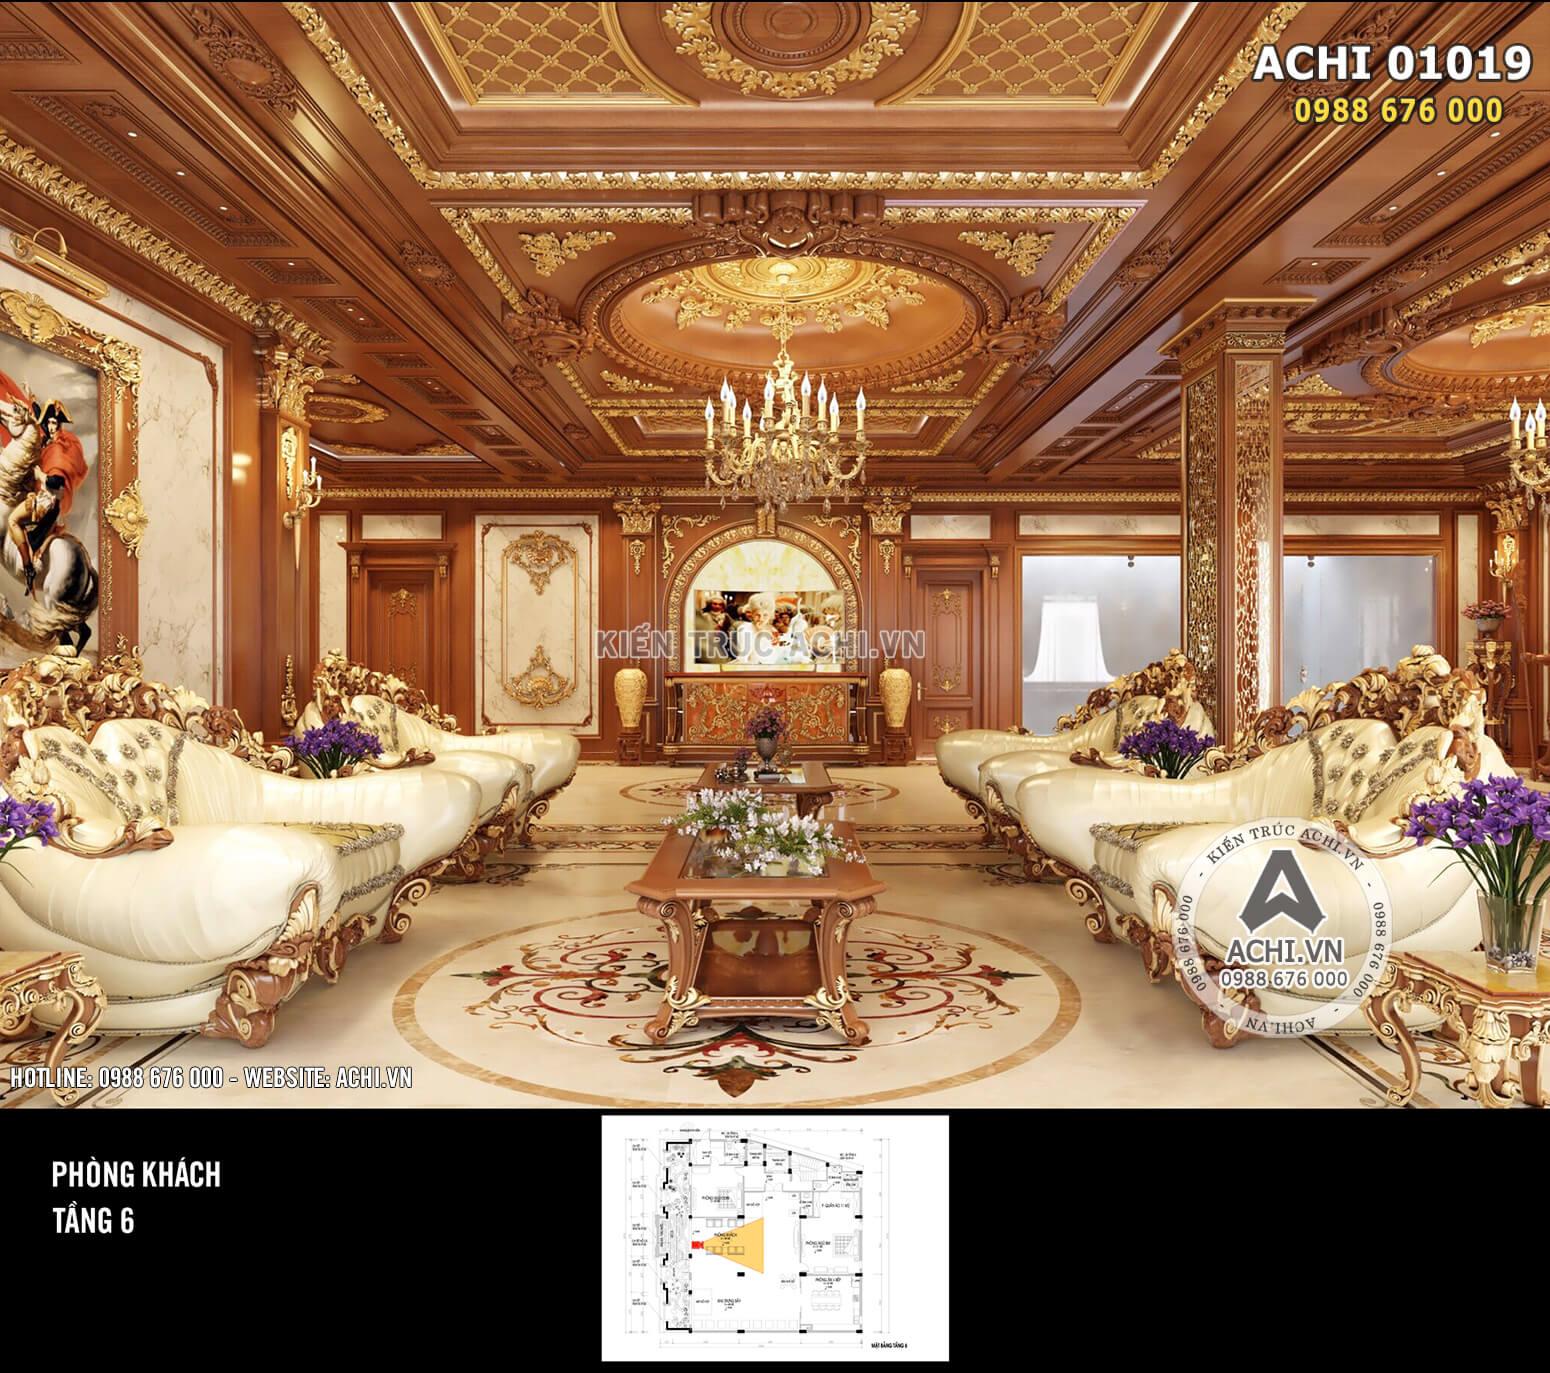 Hình ảnh: Phòng khách được thiết kế hoành tráng và lộng lẫy, khẳng định đẳng cấp của chủ đầu tư